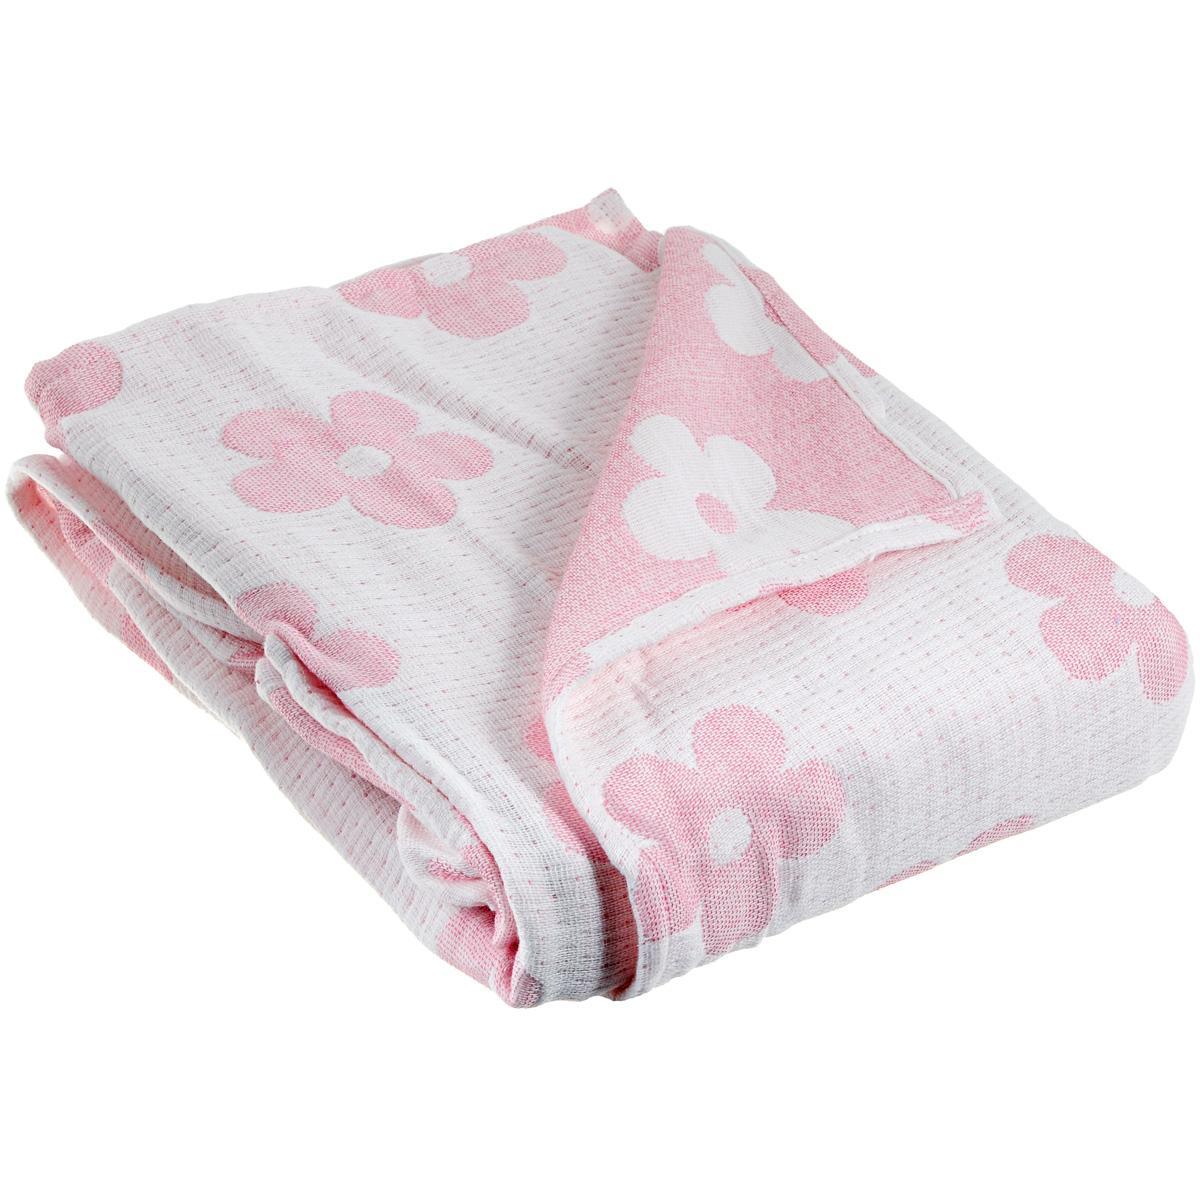 Плед-одеяло детский Baby Nice Цветы, муслиновый, цвет: розовый, 100 см x 118 см96281389Муслиновый плед-одеяло Baby Nice Цветы, изготовленный из мягкого натурального 100% хлопка, оформлен цветочным рисунком. Плед-одеяло для новорожденных из мягкого и дышащего муслинового хлопка идеально подходит для комфортного сна малыша. Состоит из четырех слоев дышащего муслина, которые помогут сохранить тепло собственного тела ребенка, предотвращая перегревание. Благодаря особой технологии переплетения нитей и специальной отделки пряжи, муслиновый плед приобрел улучшенную мягкость и гигроскопичность. Легкий и дышащий, эластичный и практичный, такой плед хорошо пропускает воздух, впитывает влагу и прекрасно отдает тепло. Он создаст вашему малышу ощущение свежести и комфорта. Муслиновый плед сохраняет свои свойства даже после многочисленных стирок, быстро сохнет и не требует глажки. Во время прогулки такой плед послужит легким одеялом в коляску.